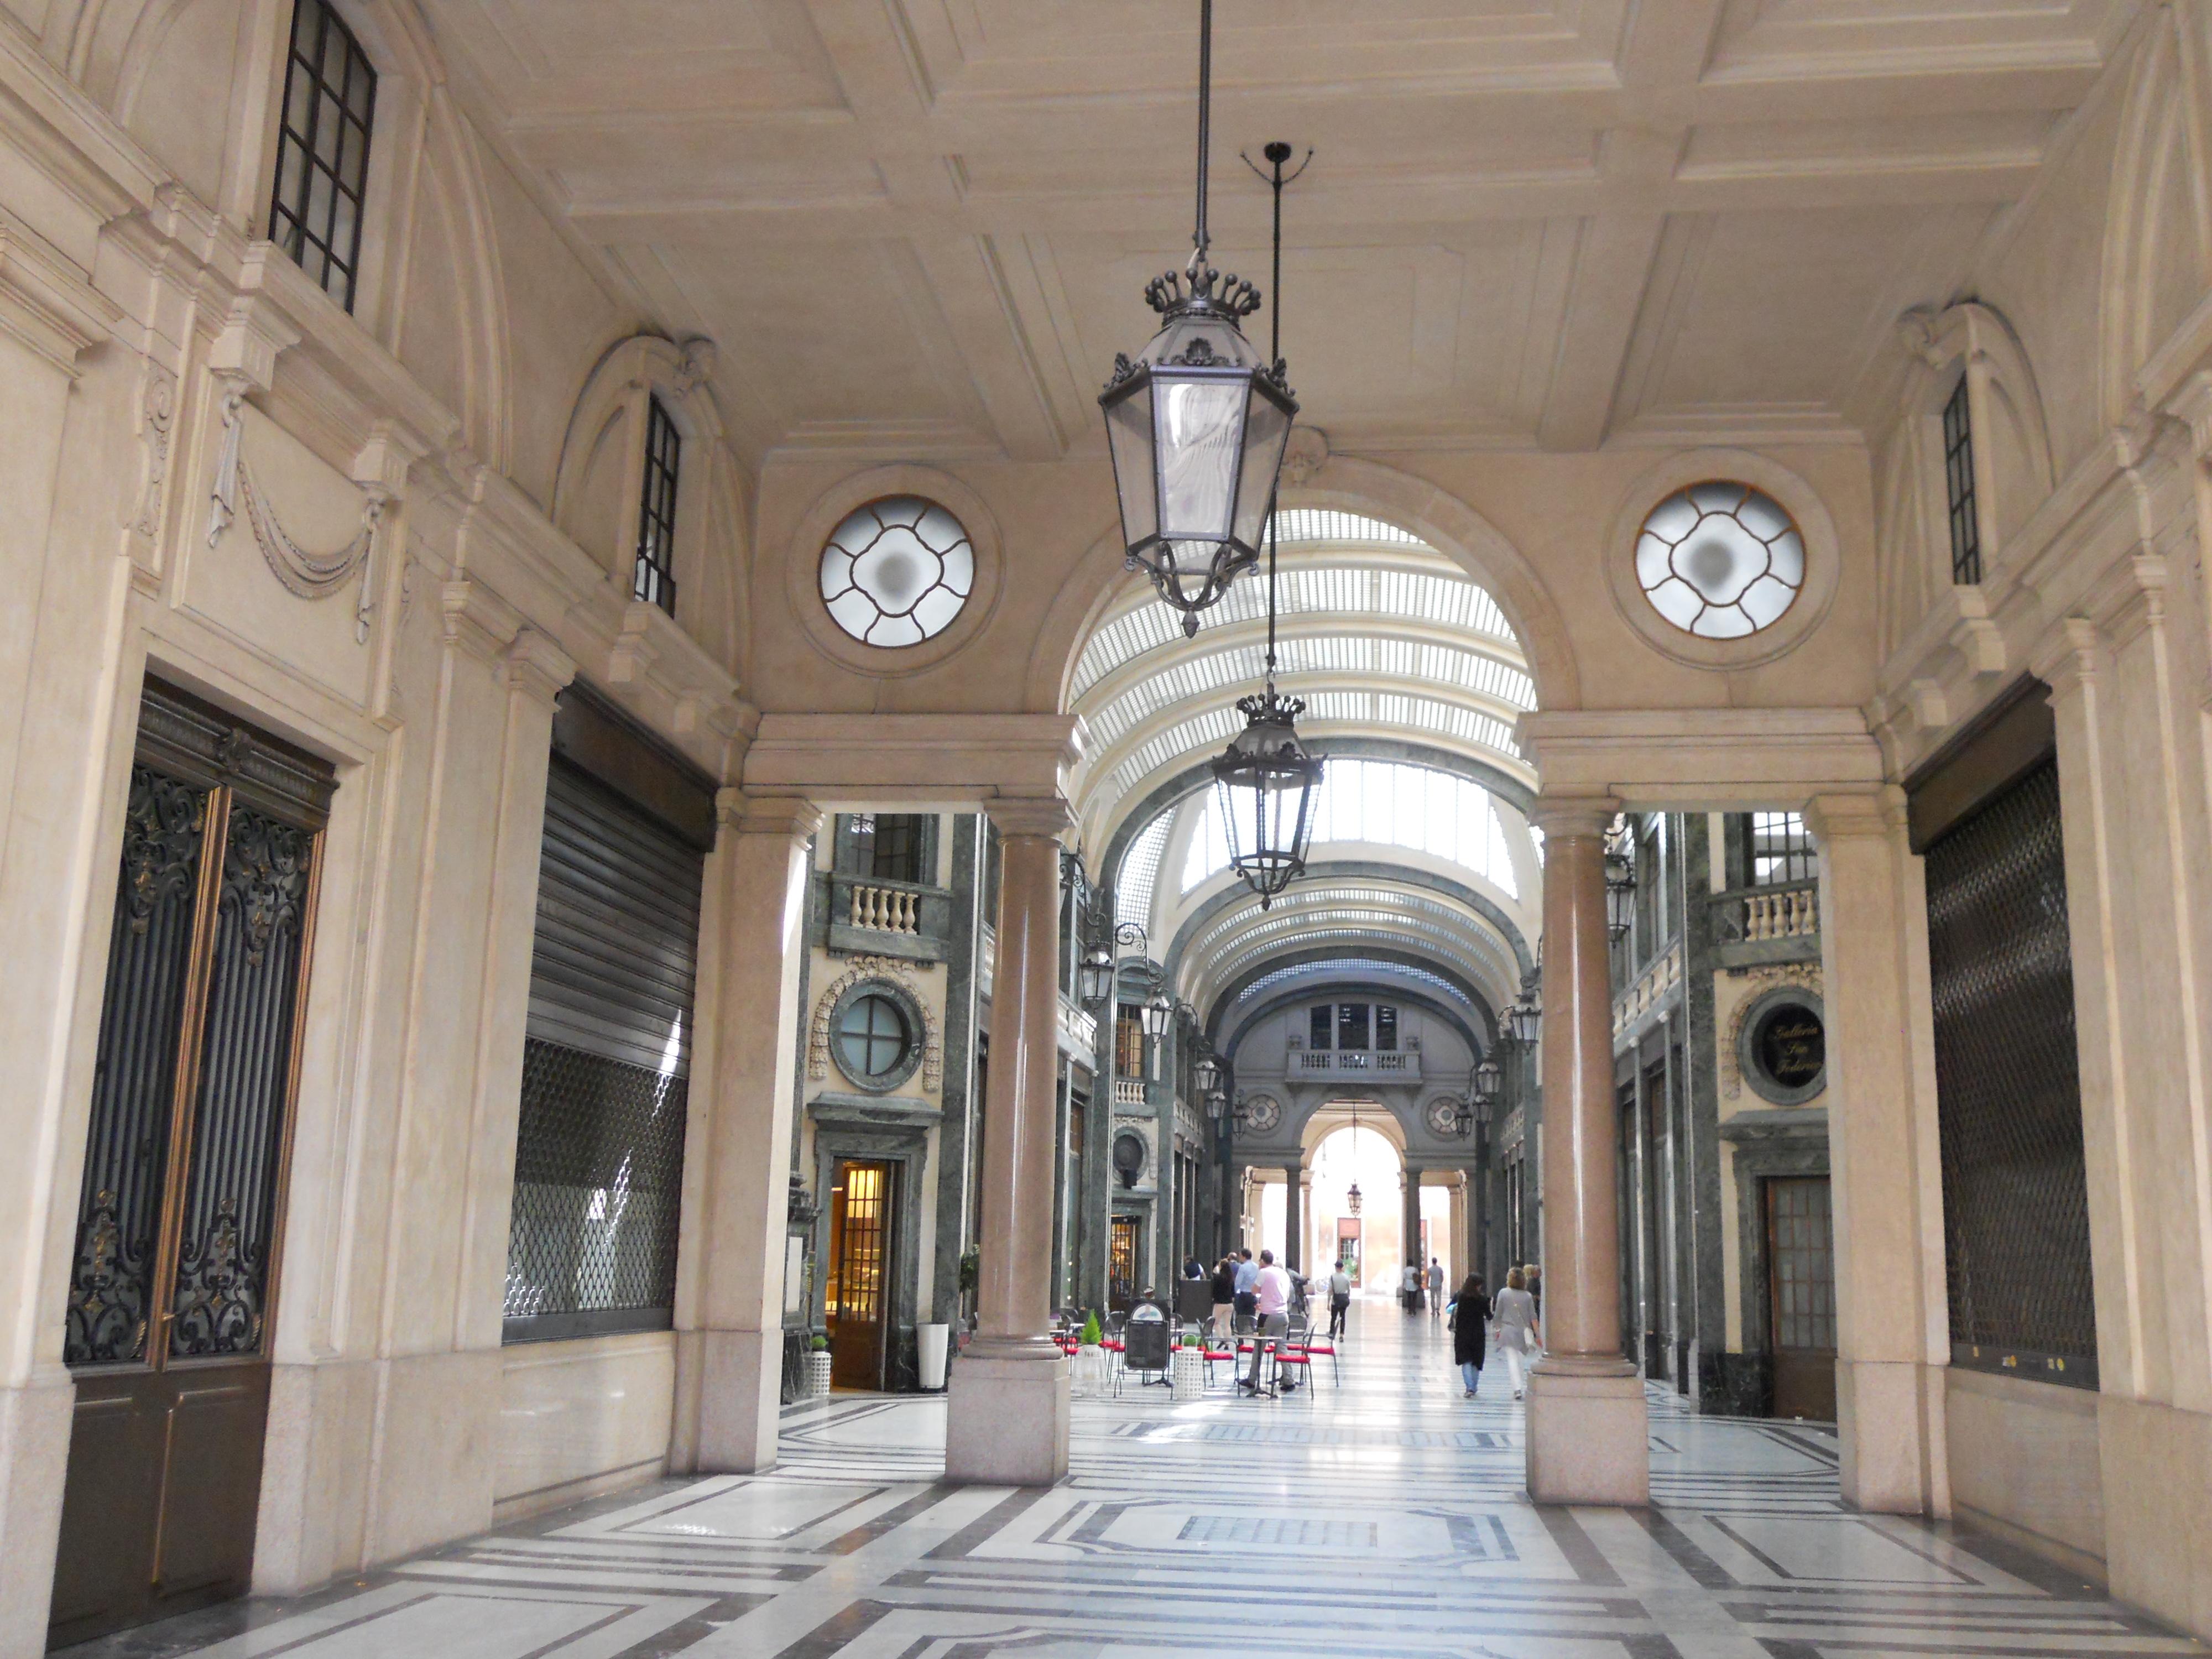 Ristorante La Credenza Galleria San Federico : File:galleria san federico.jpg wikipedia